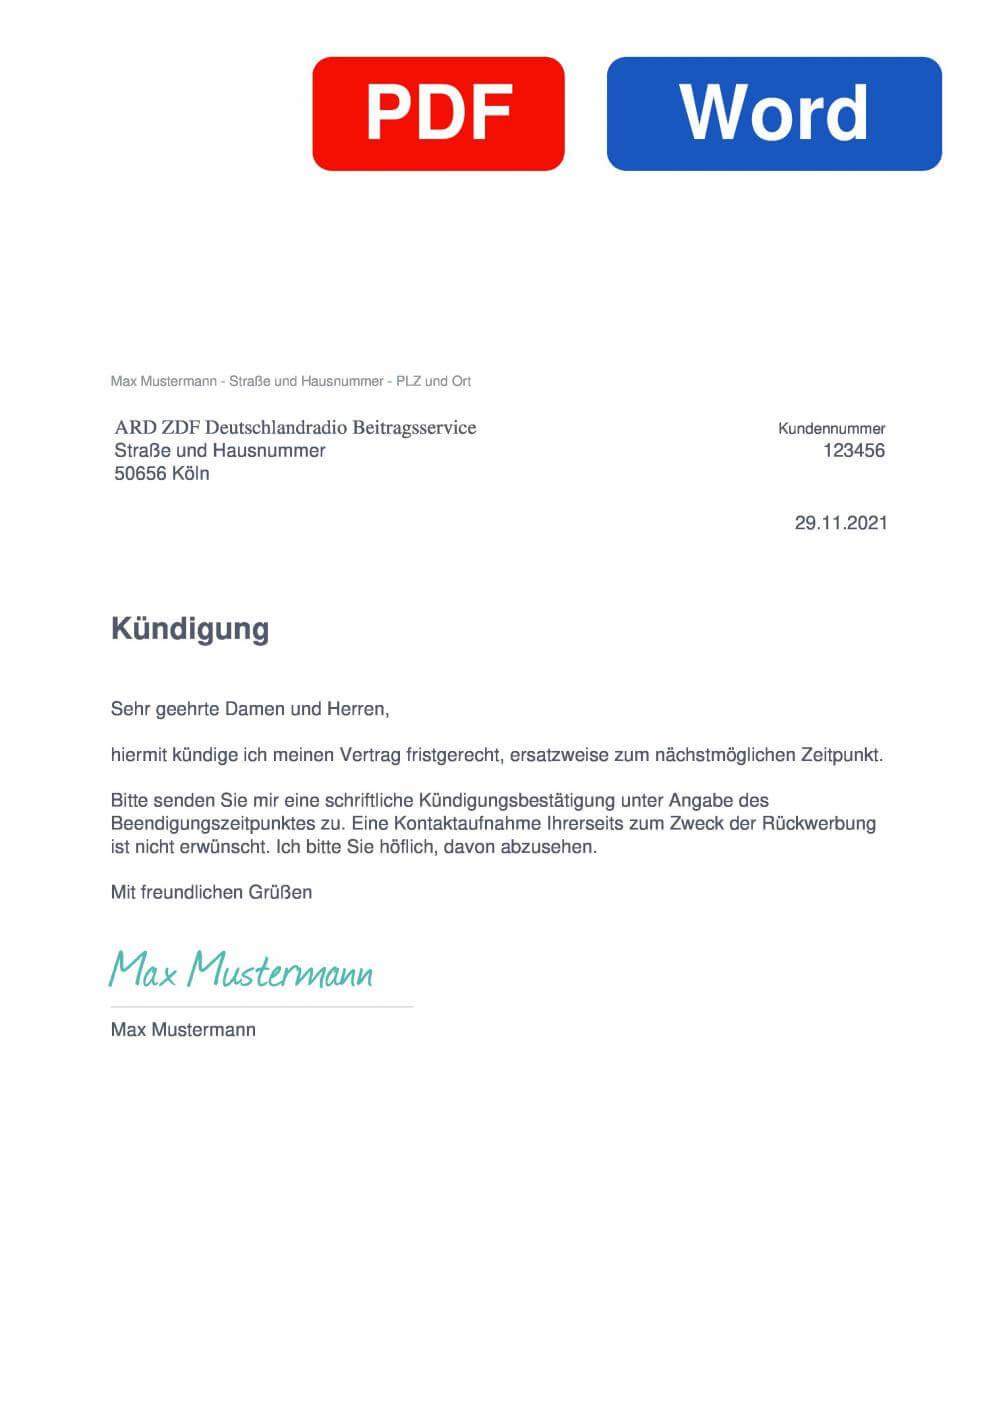 ARD ZDF Beitragsservice Muster Vorlage für Kündigungsschreiben